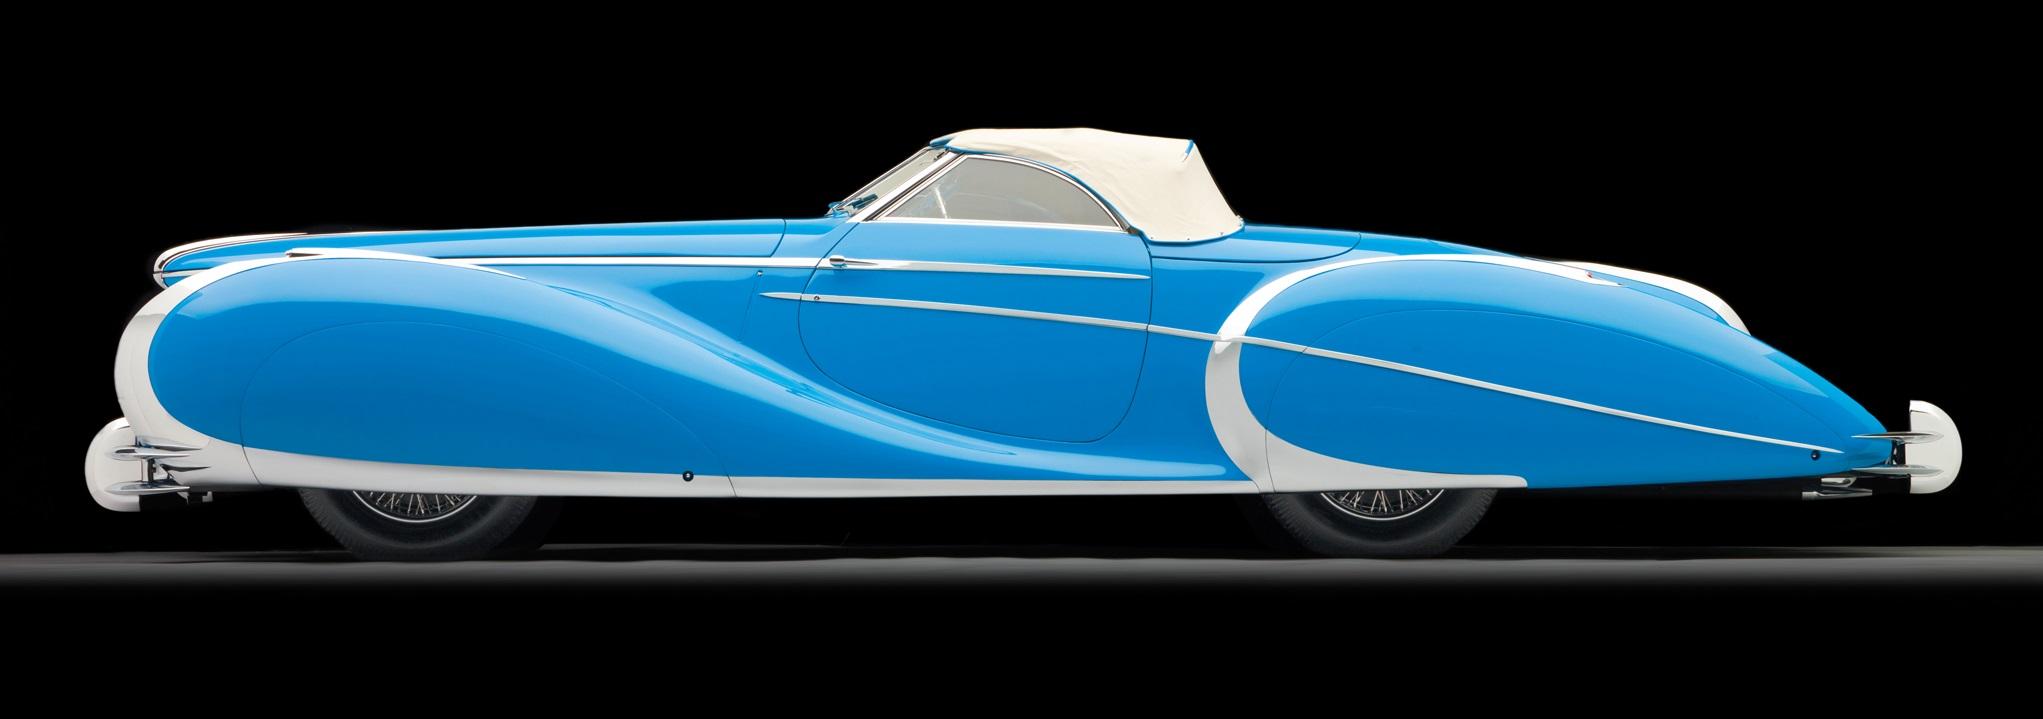 Delahaye 175 S Saoutchik Roadster